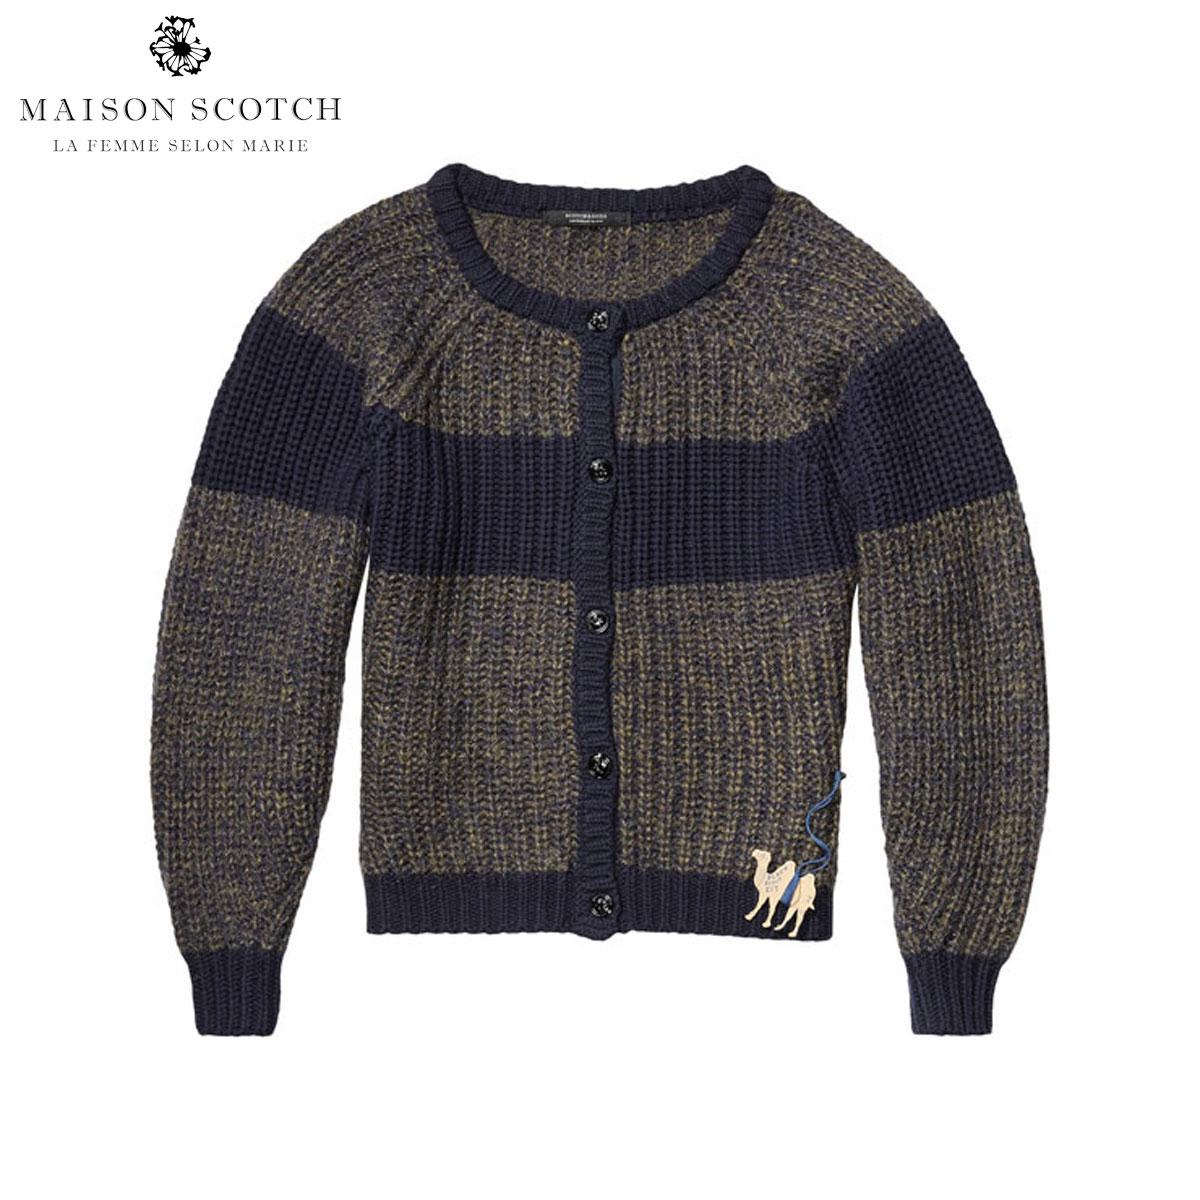 メゾンスコッチ MAISON SCOTCH 正規販売店 レディース カーディガン Boxy fit cardigan with shaped sleeves. 134103 6B D00S20